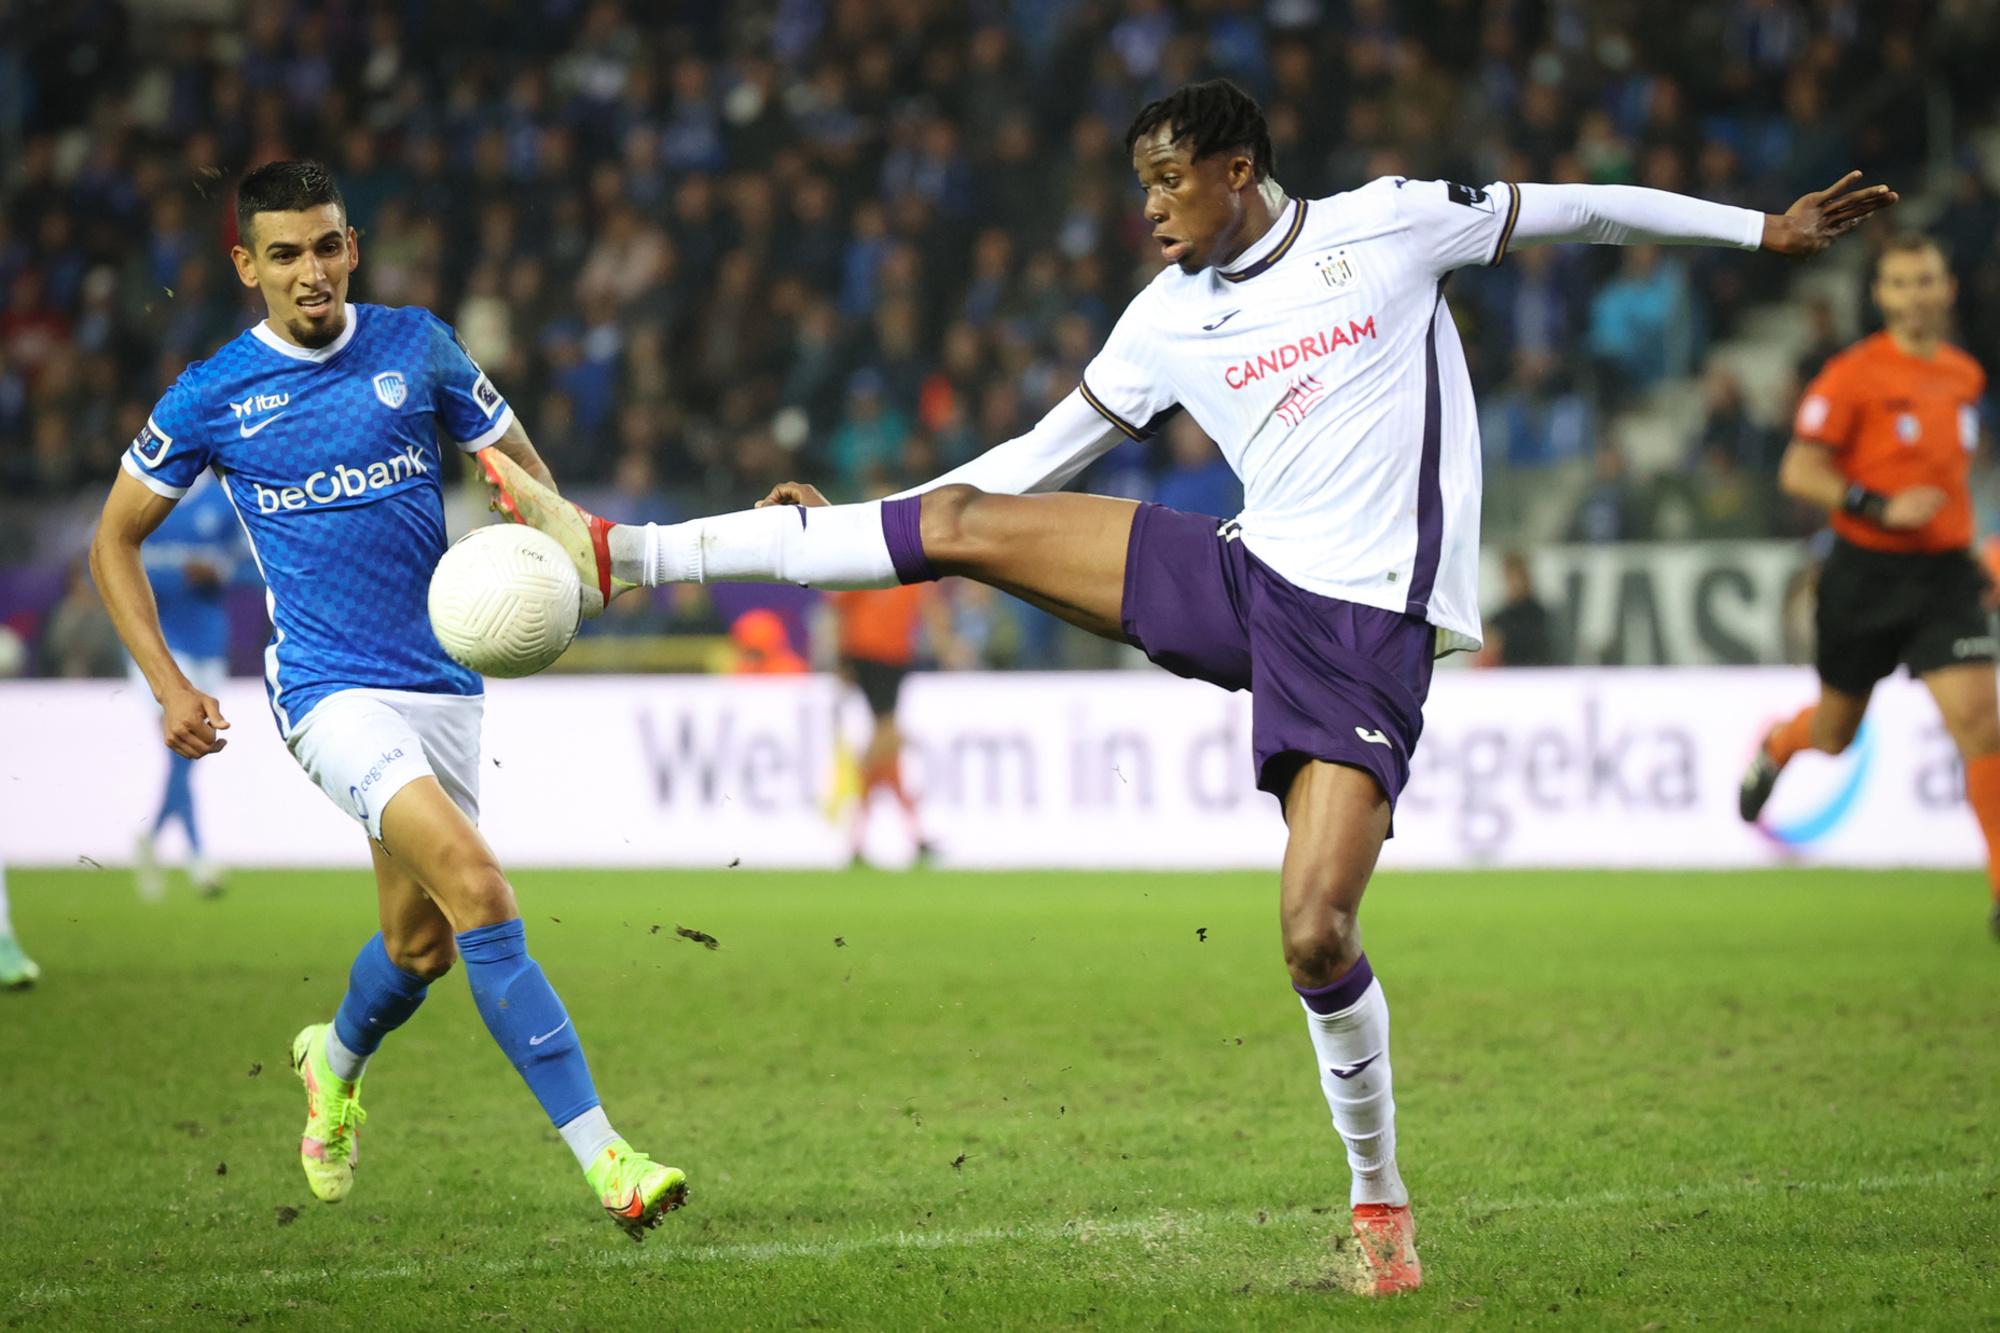 Kouamé sera avec Zirkzee, l'un des deux attaquants qui devra faire oublier Lukas Nmecha à Anderlecht., belga